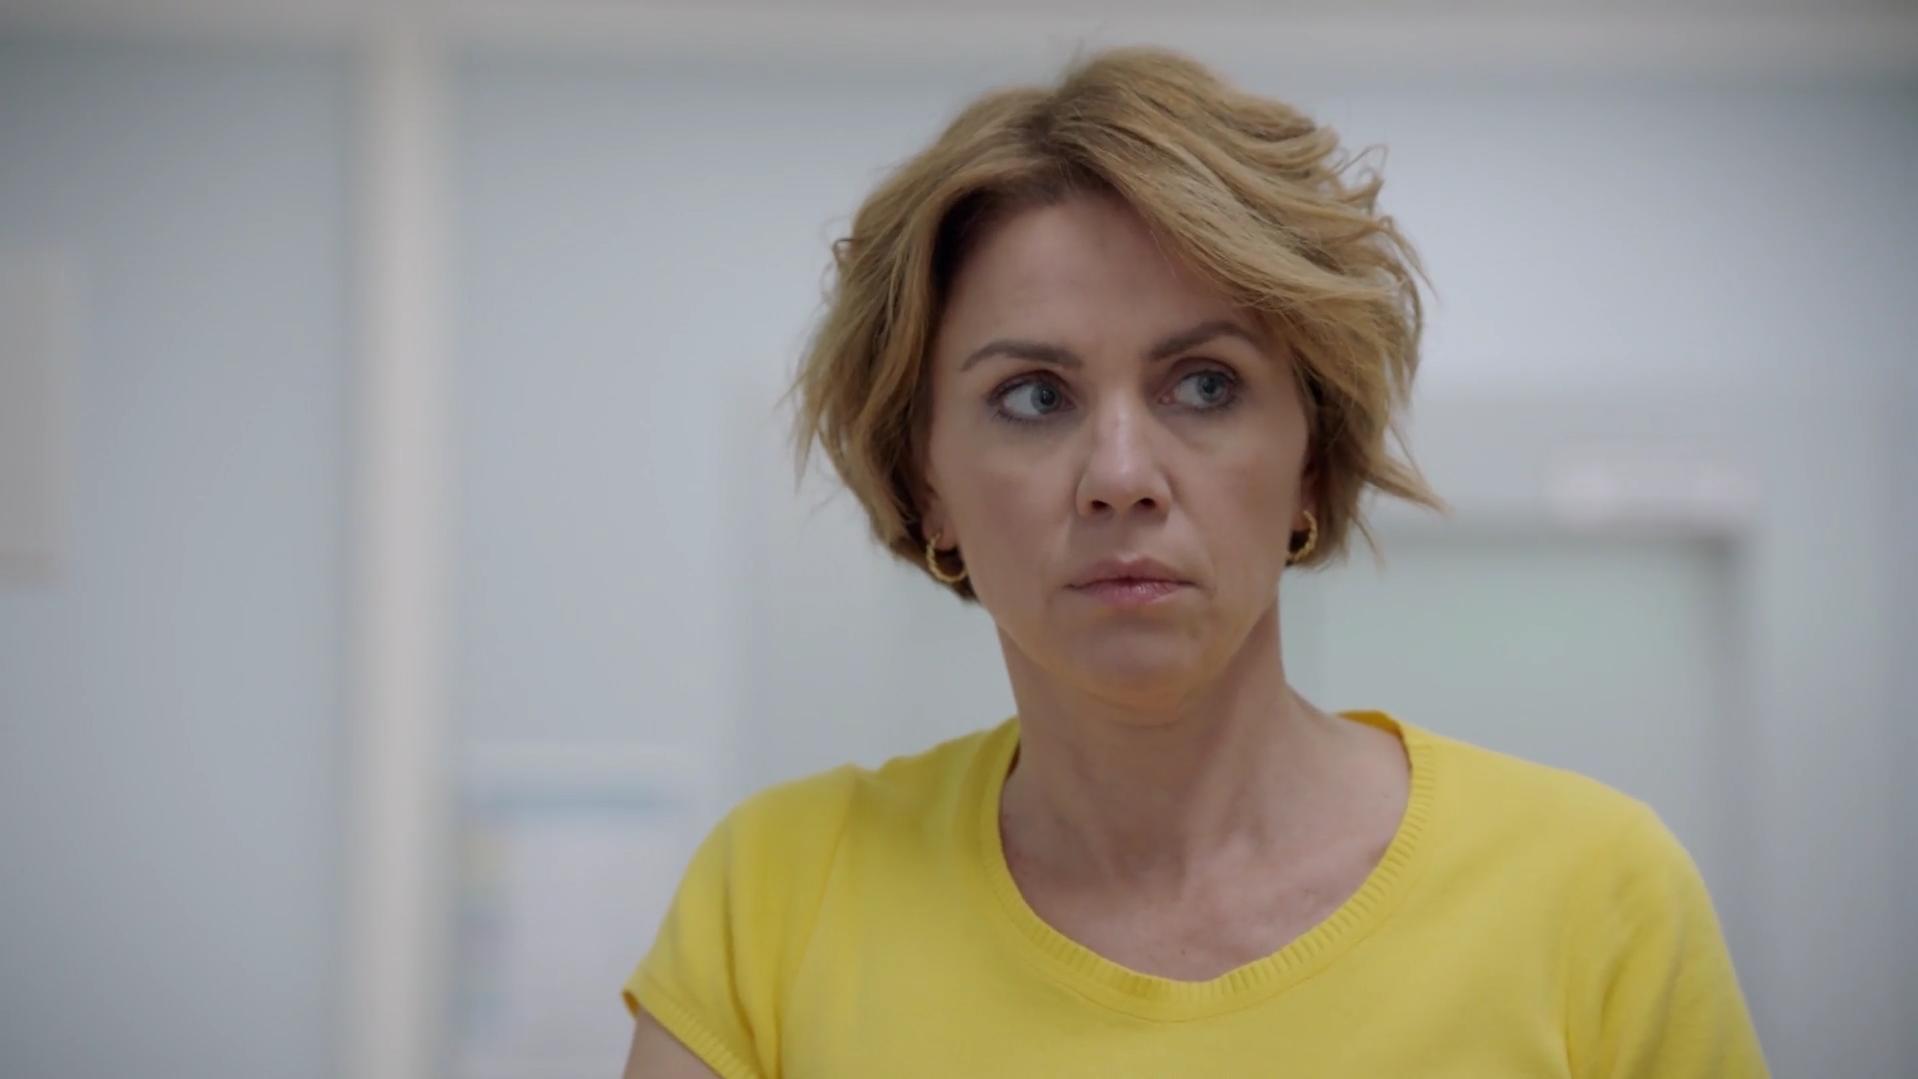 GZSZ-Wochenvorschau ab 18. Januar 2021: Katrin muss Tobias etwas beichten - wie wird er reagieren?